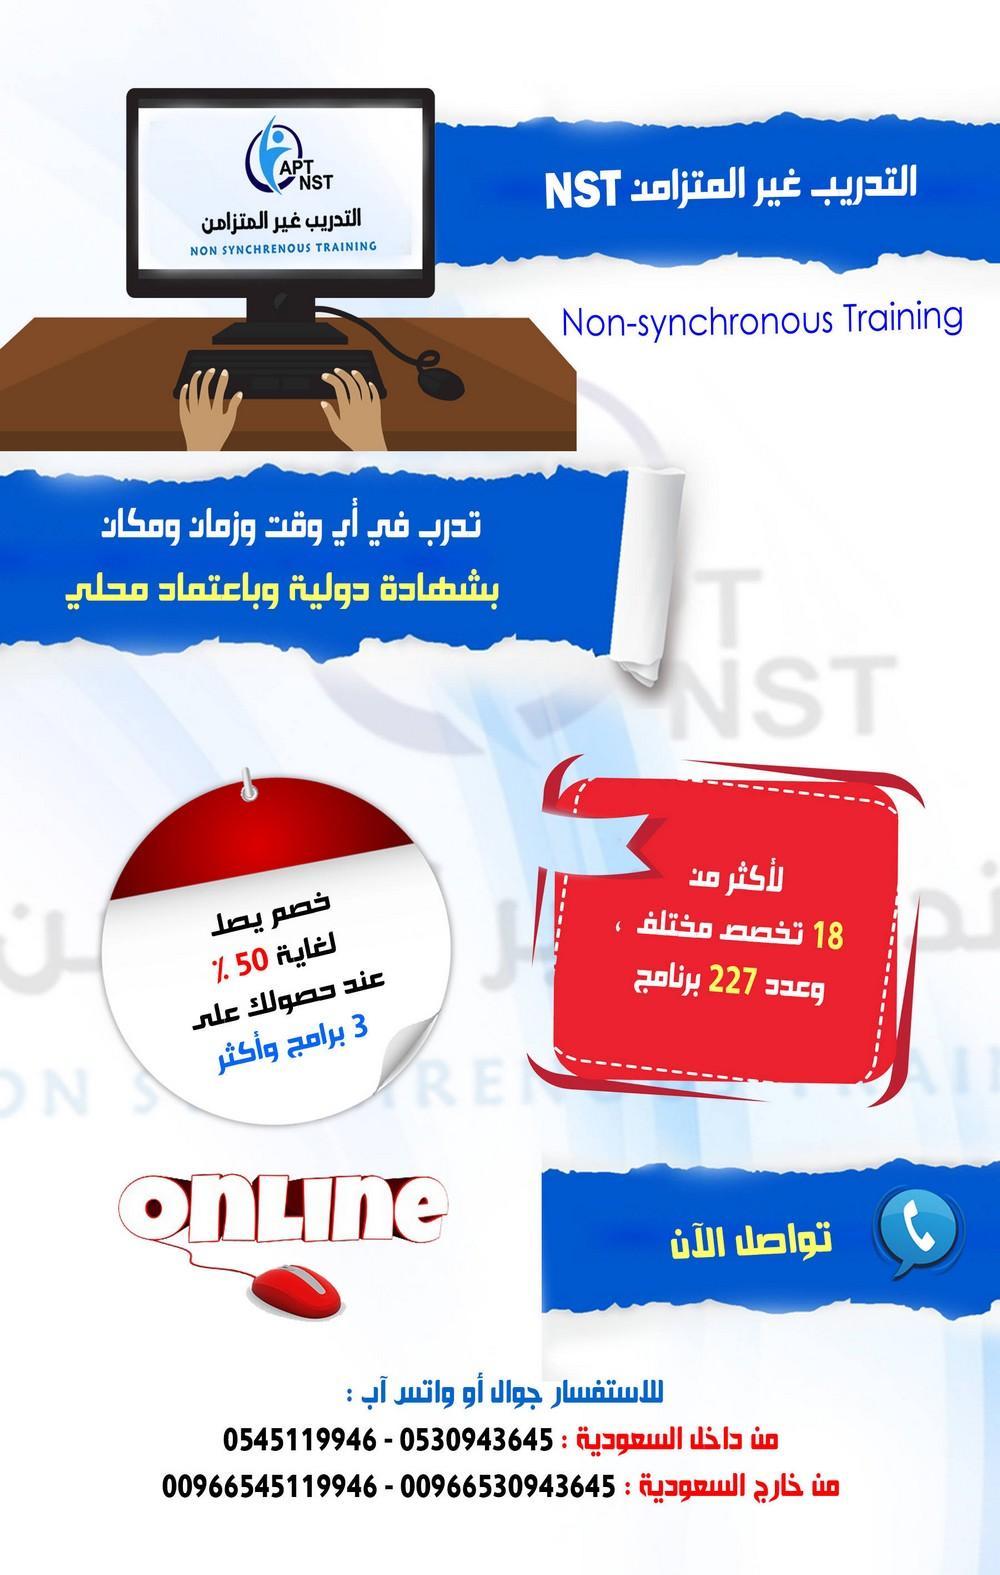 التدريب غير المتزامن nst 175520002